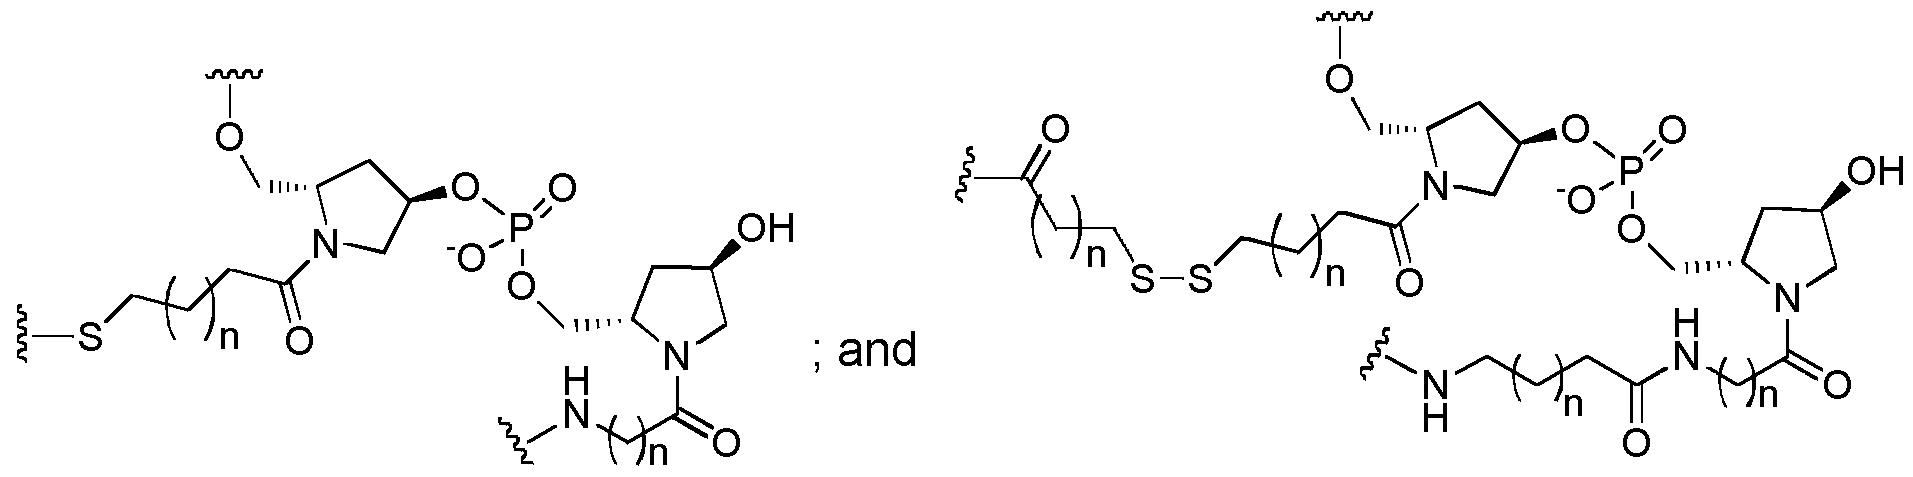 Figure imgf000393_0003